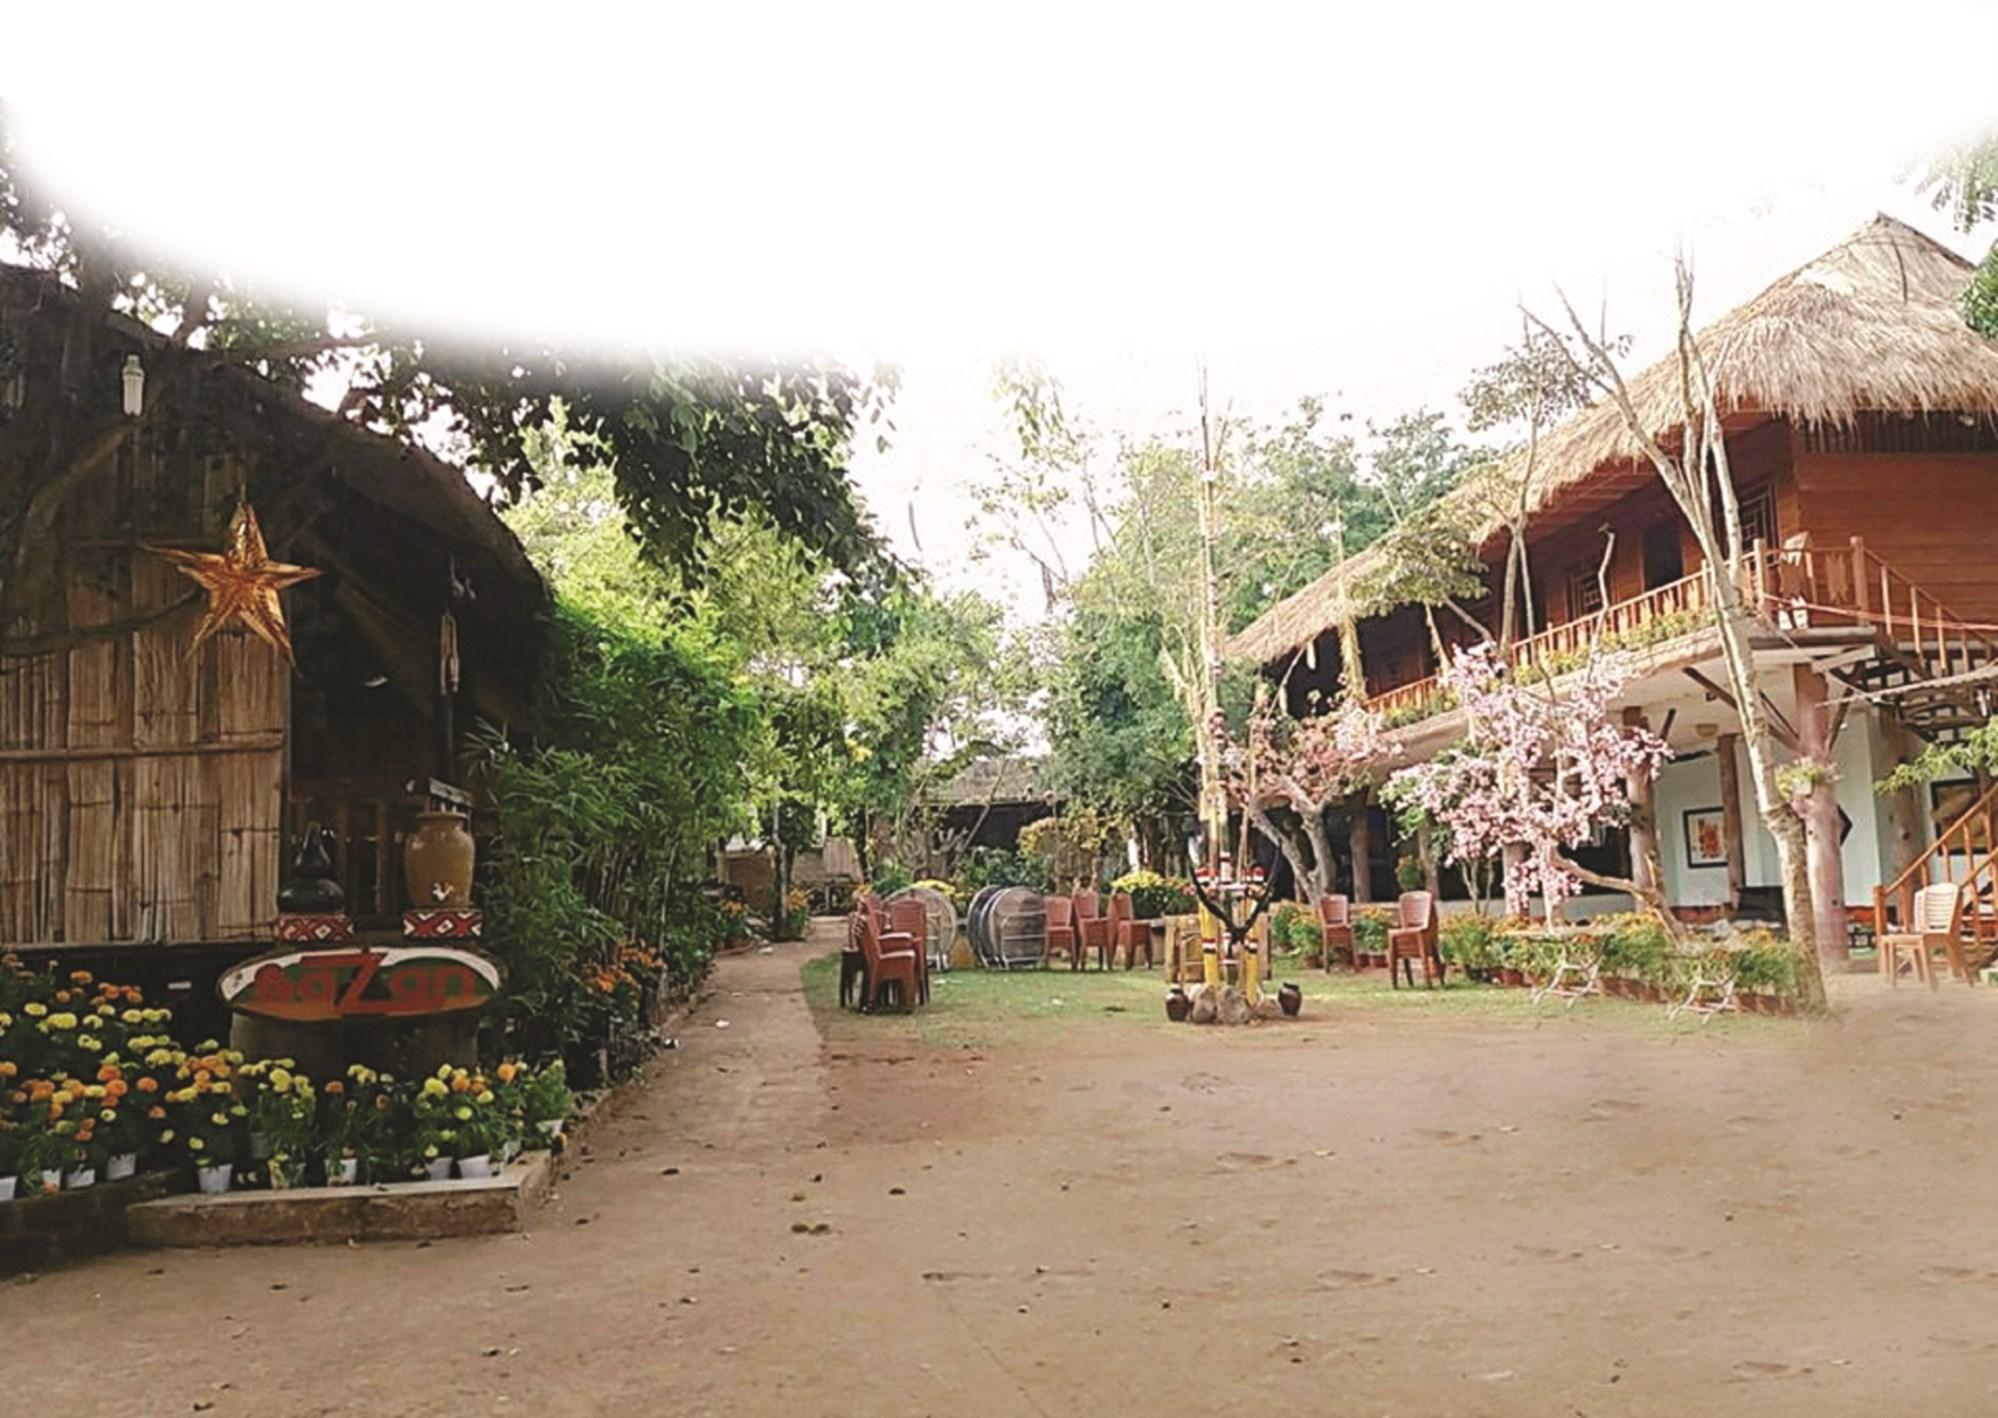 Ngôi làng Jrai thu nhỏ giữa phố thị Plei ku